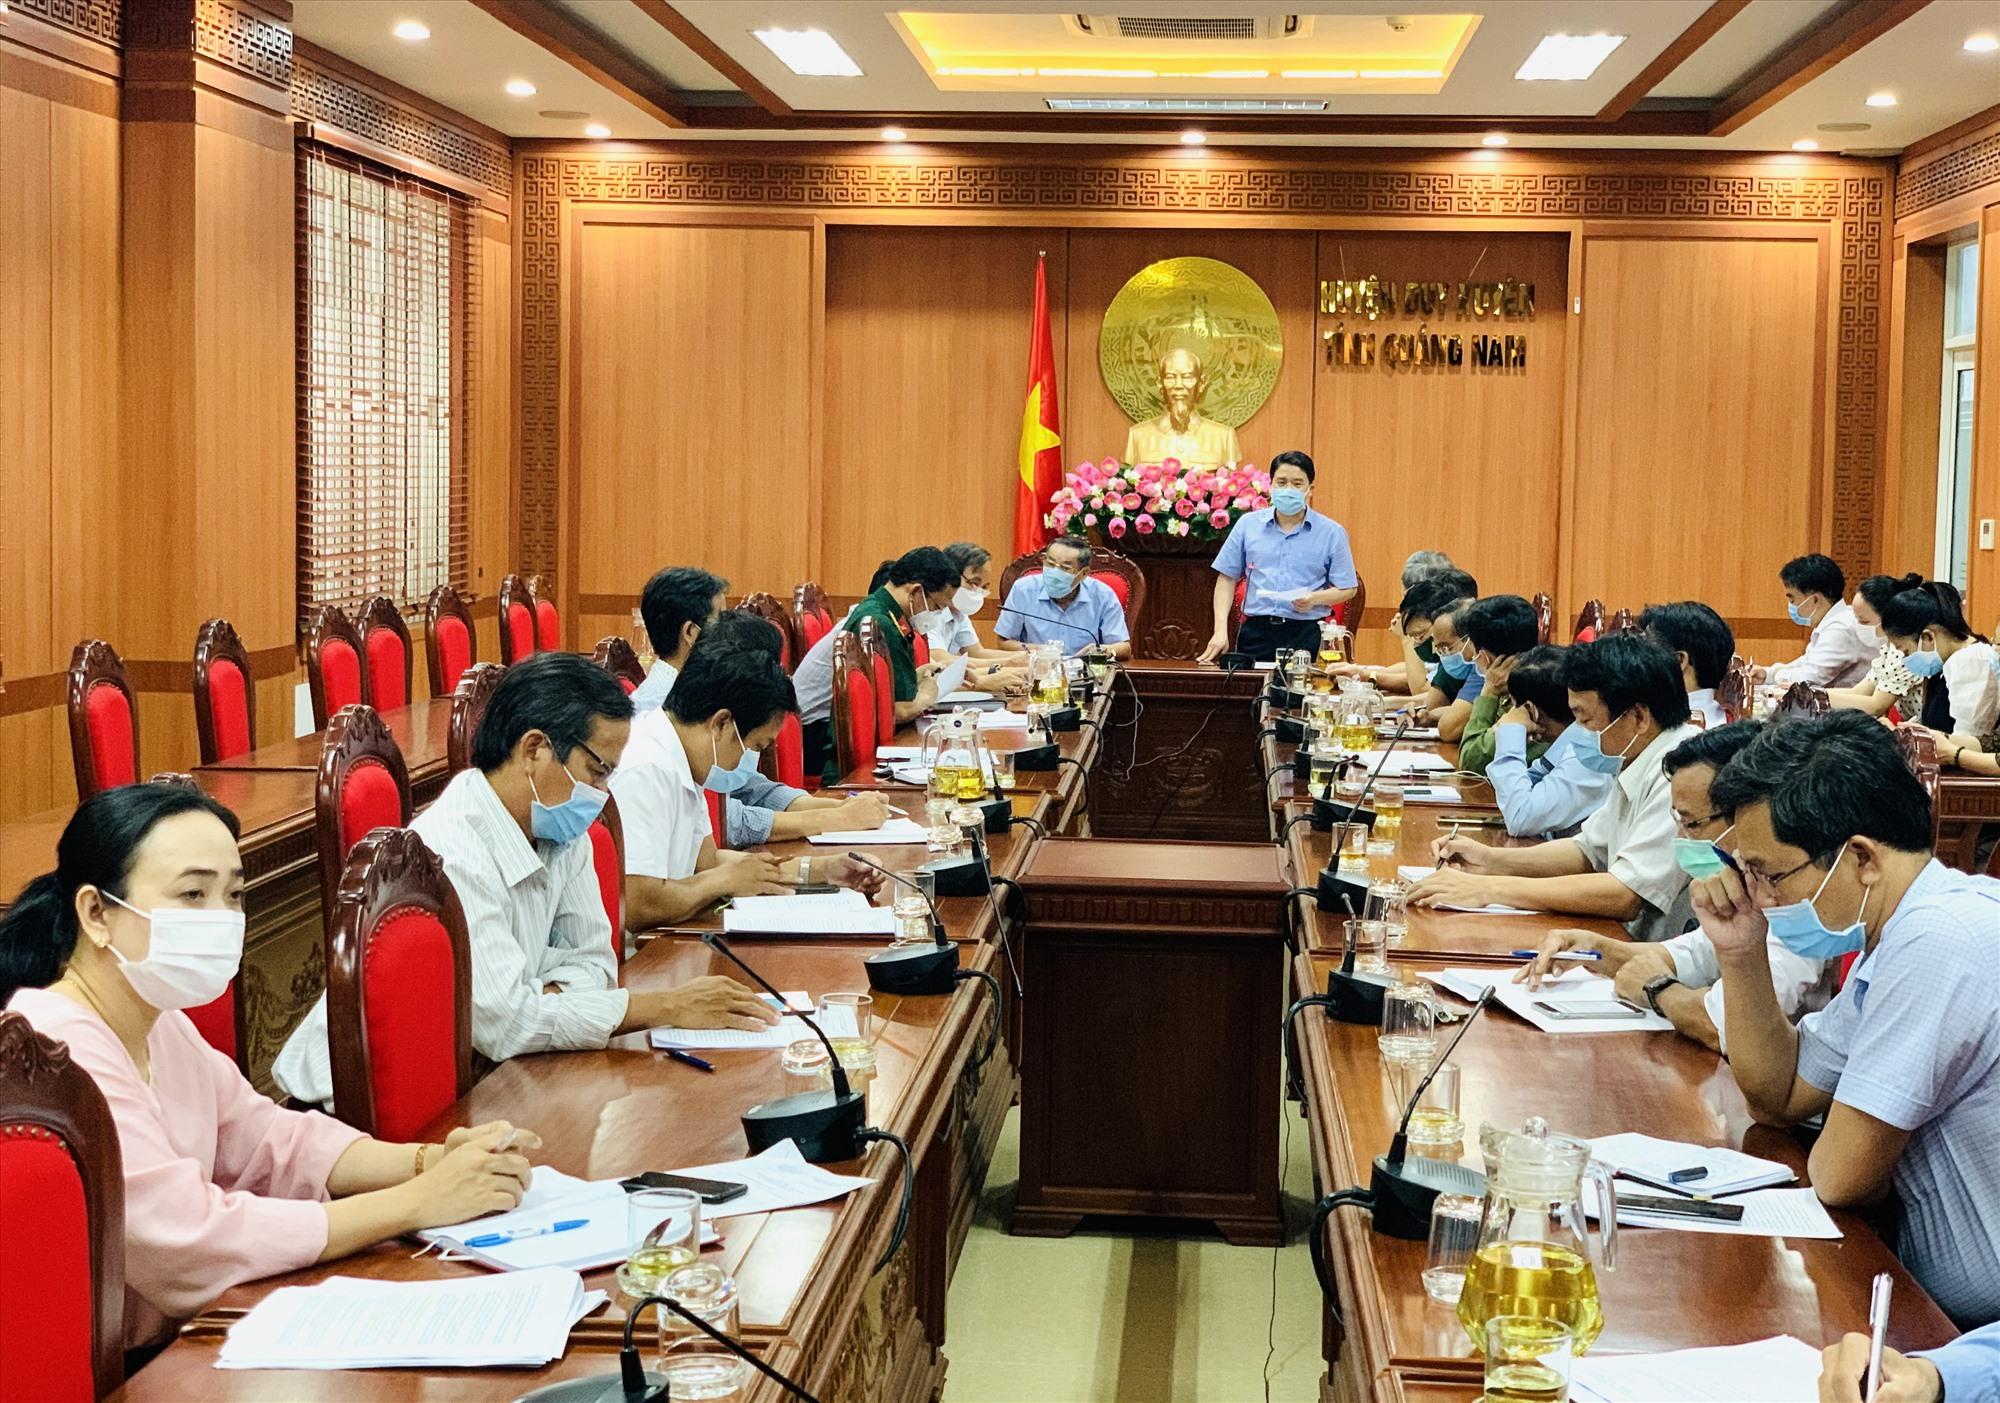 Phó Chủ tịch UBND tỉnh Trần Văn Tân phát biểu chỉ đạo tại buổi làm việc với lãnh đạo huyện Duy Xuyên chiều 14.5. Ảnh: T.P